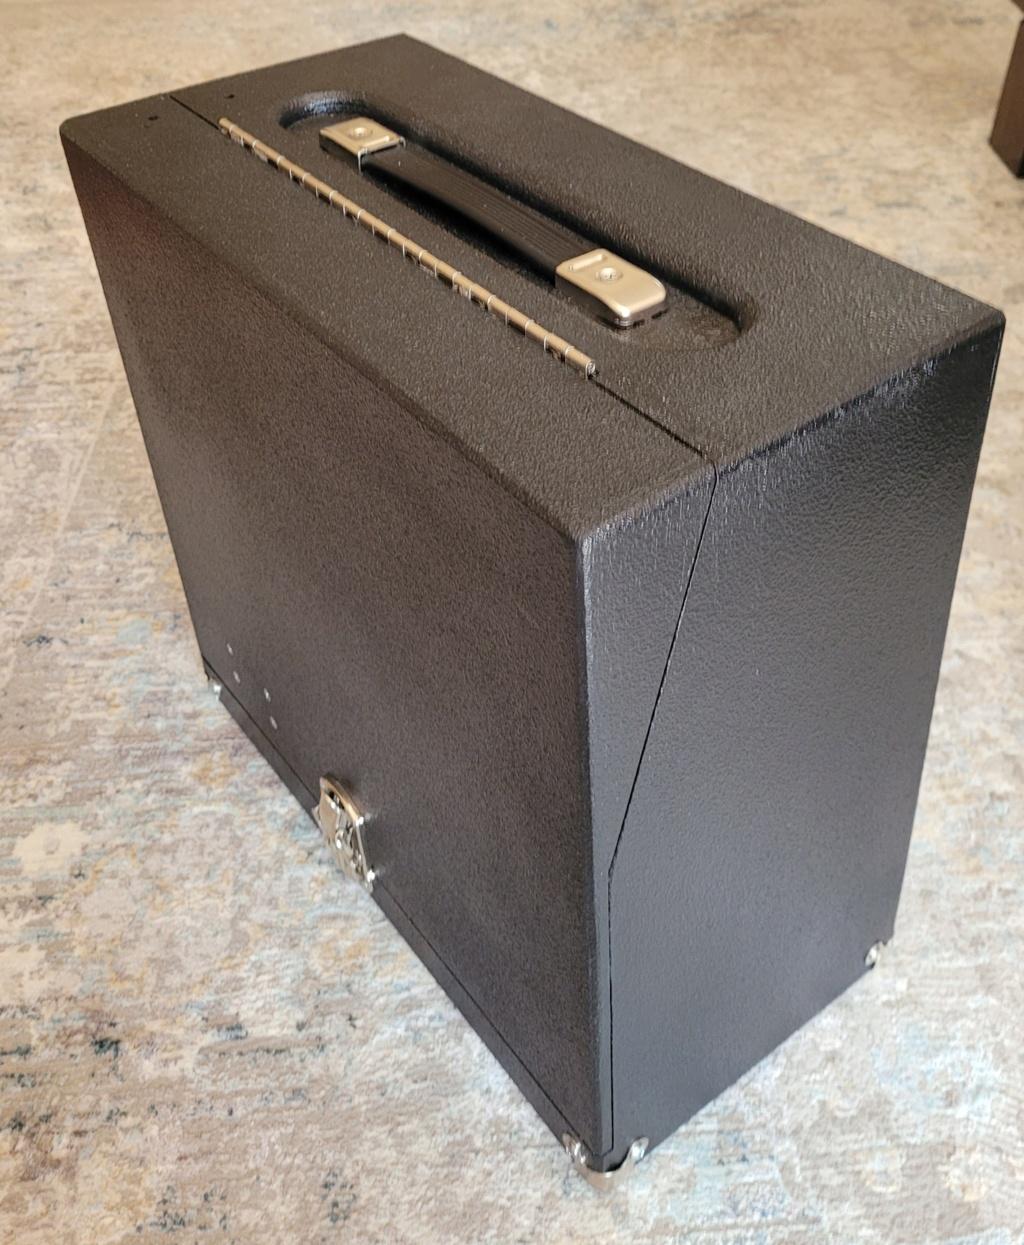 Sold: Precision Pistol Box - 3 Gun Deluxe Mint - $275 20210513